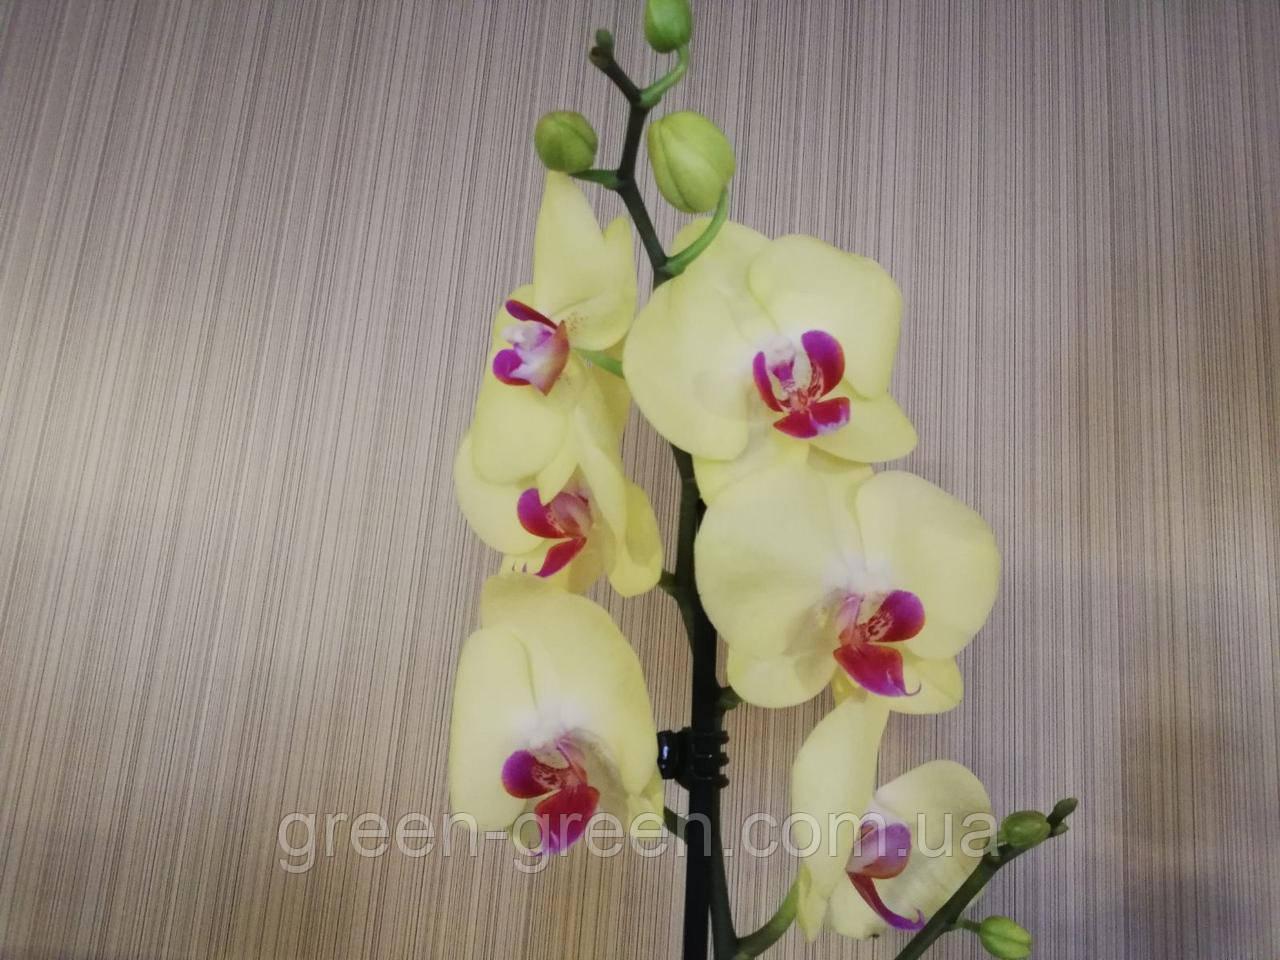 Орхидея Фаленопсис желтая с красным центром